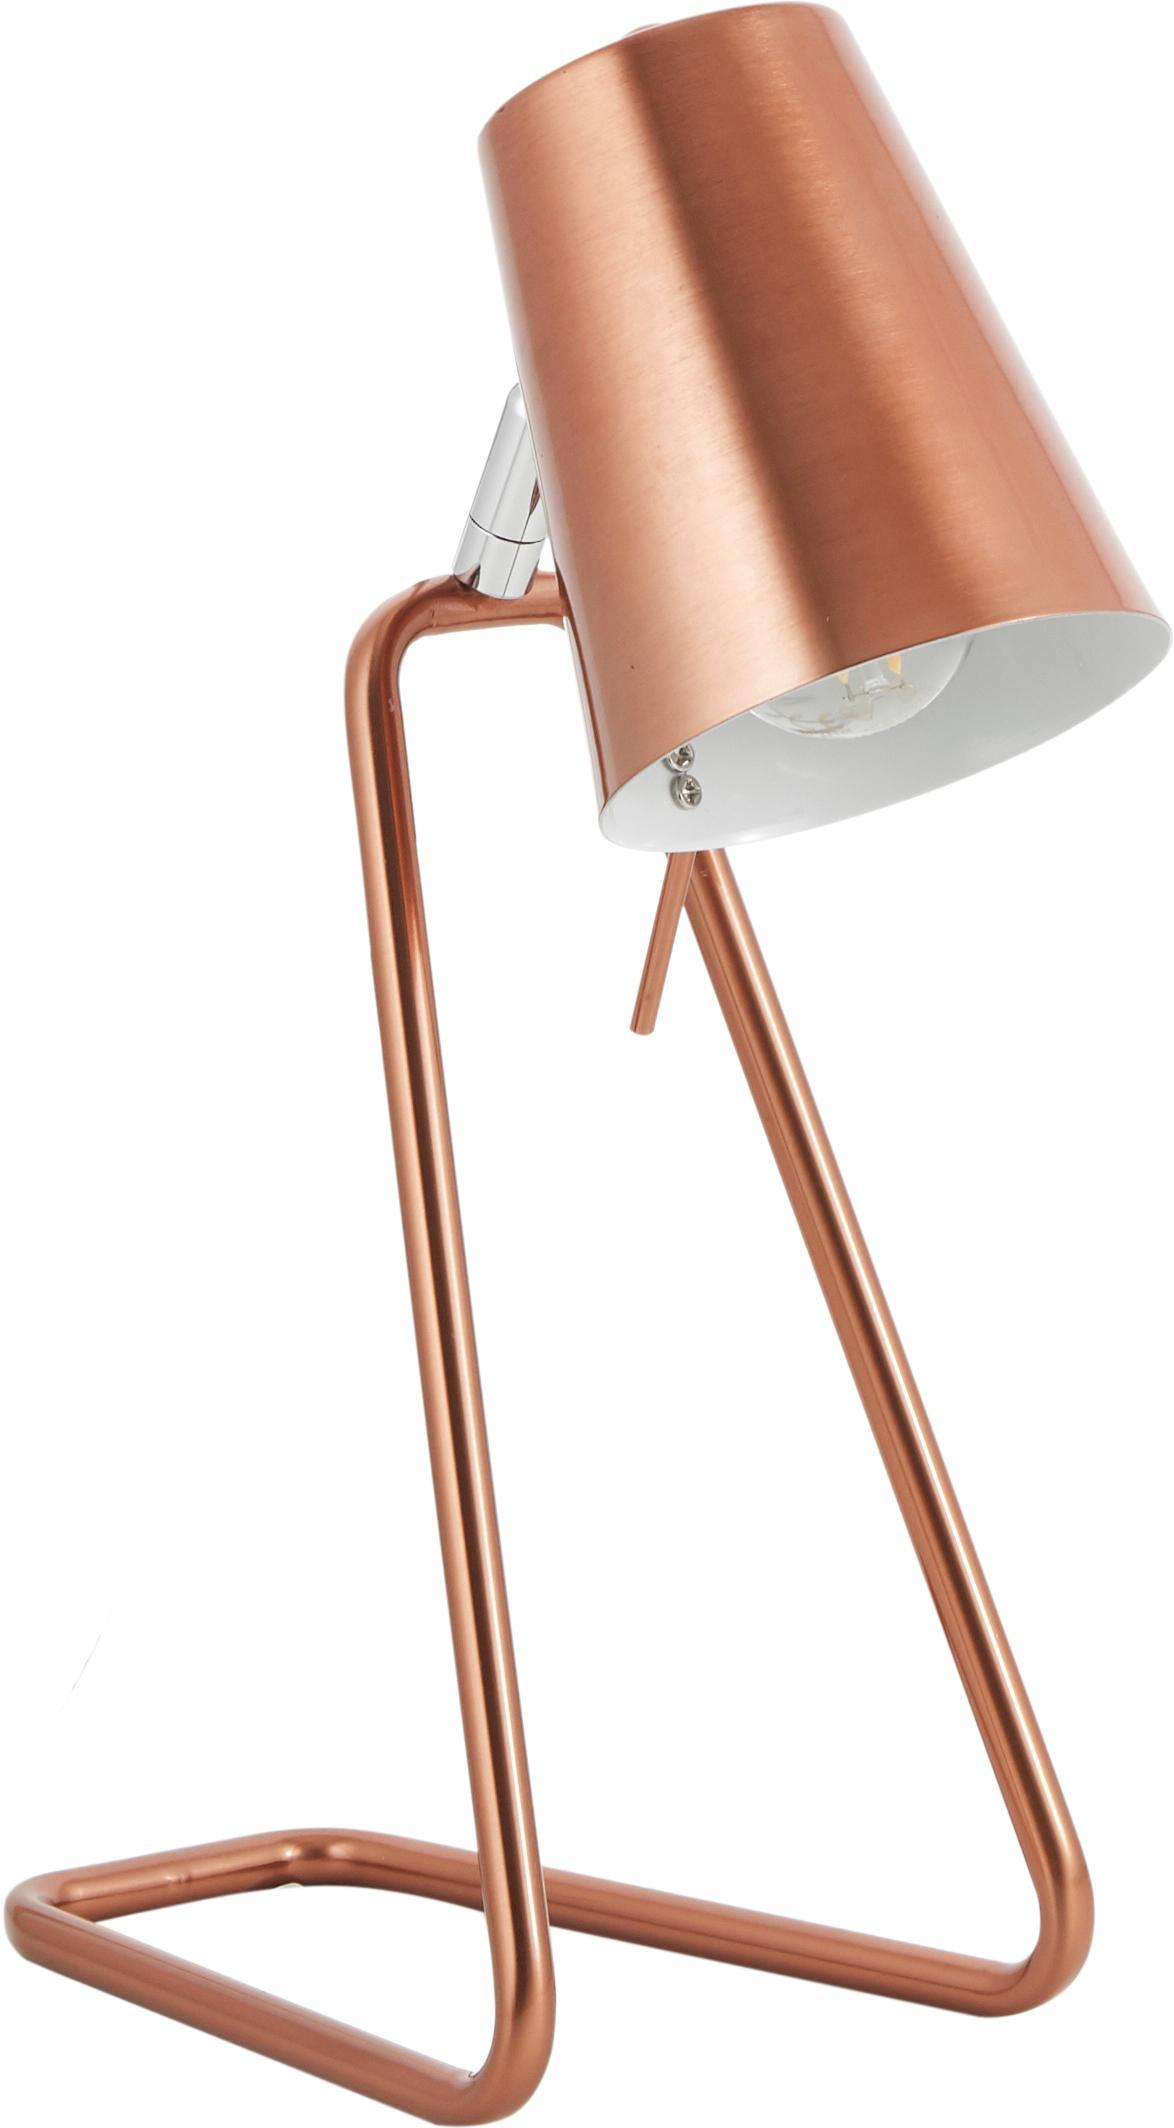 Schreibtischlampe Zet in Kupfer, Lampenschirm: Metall, lackiert, Kupfer, 16 x 35 cm